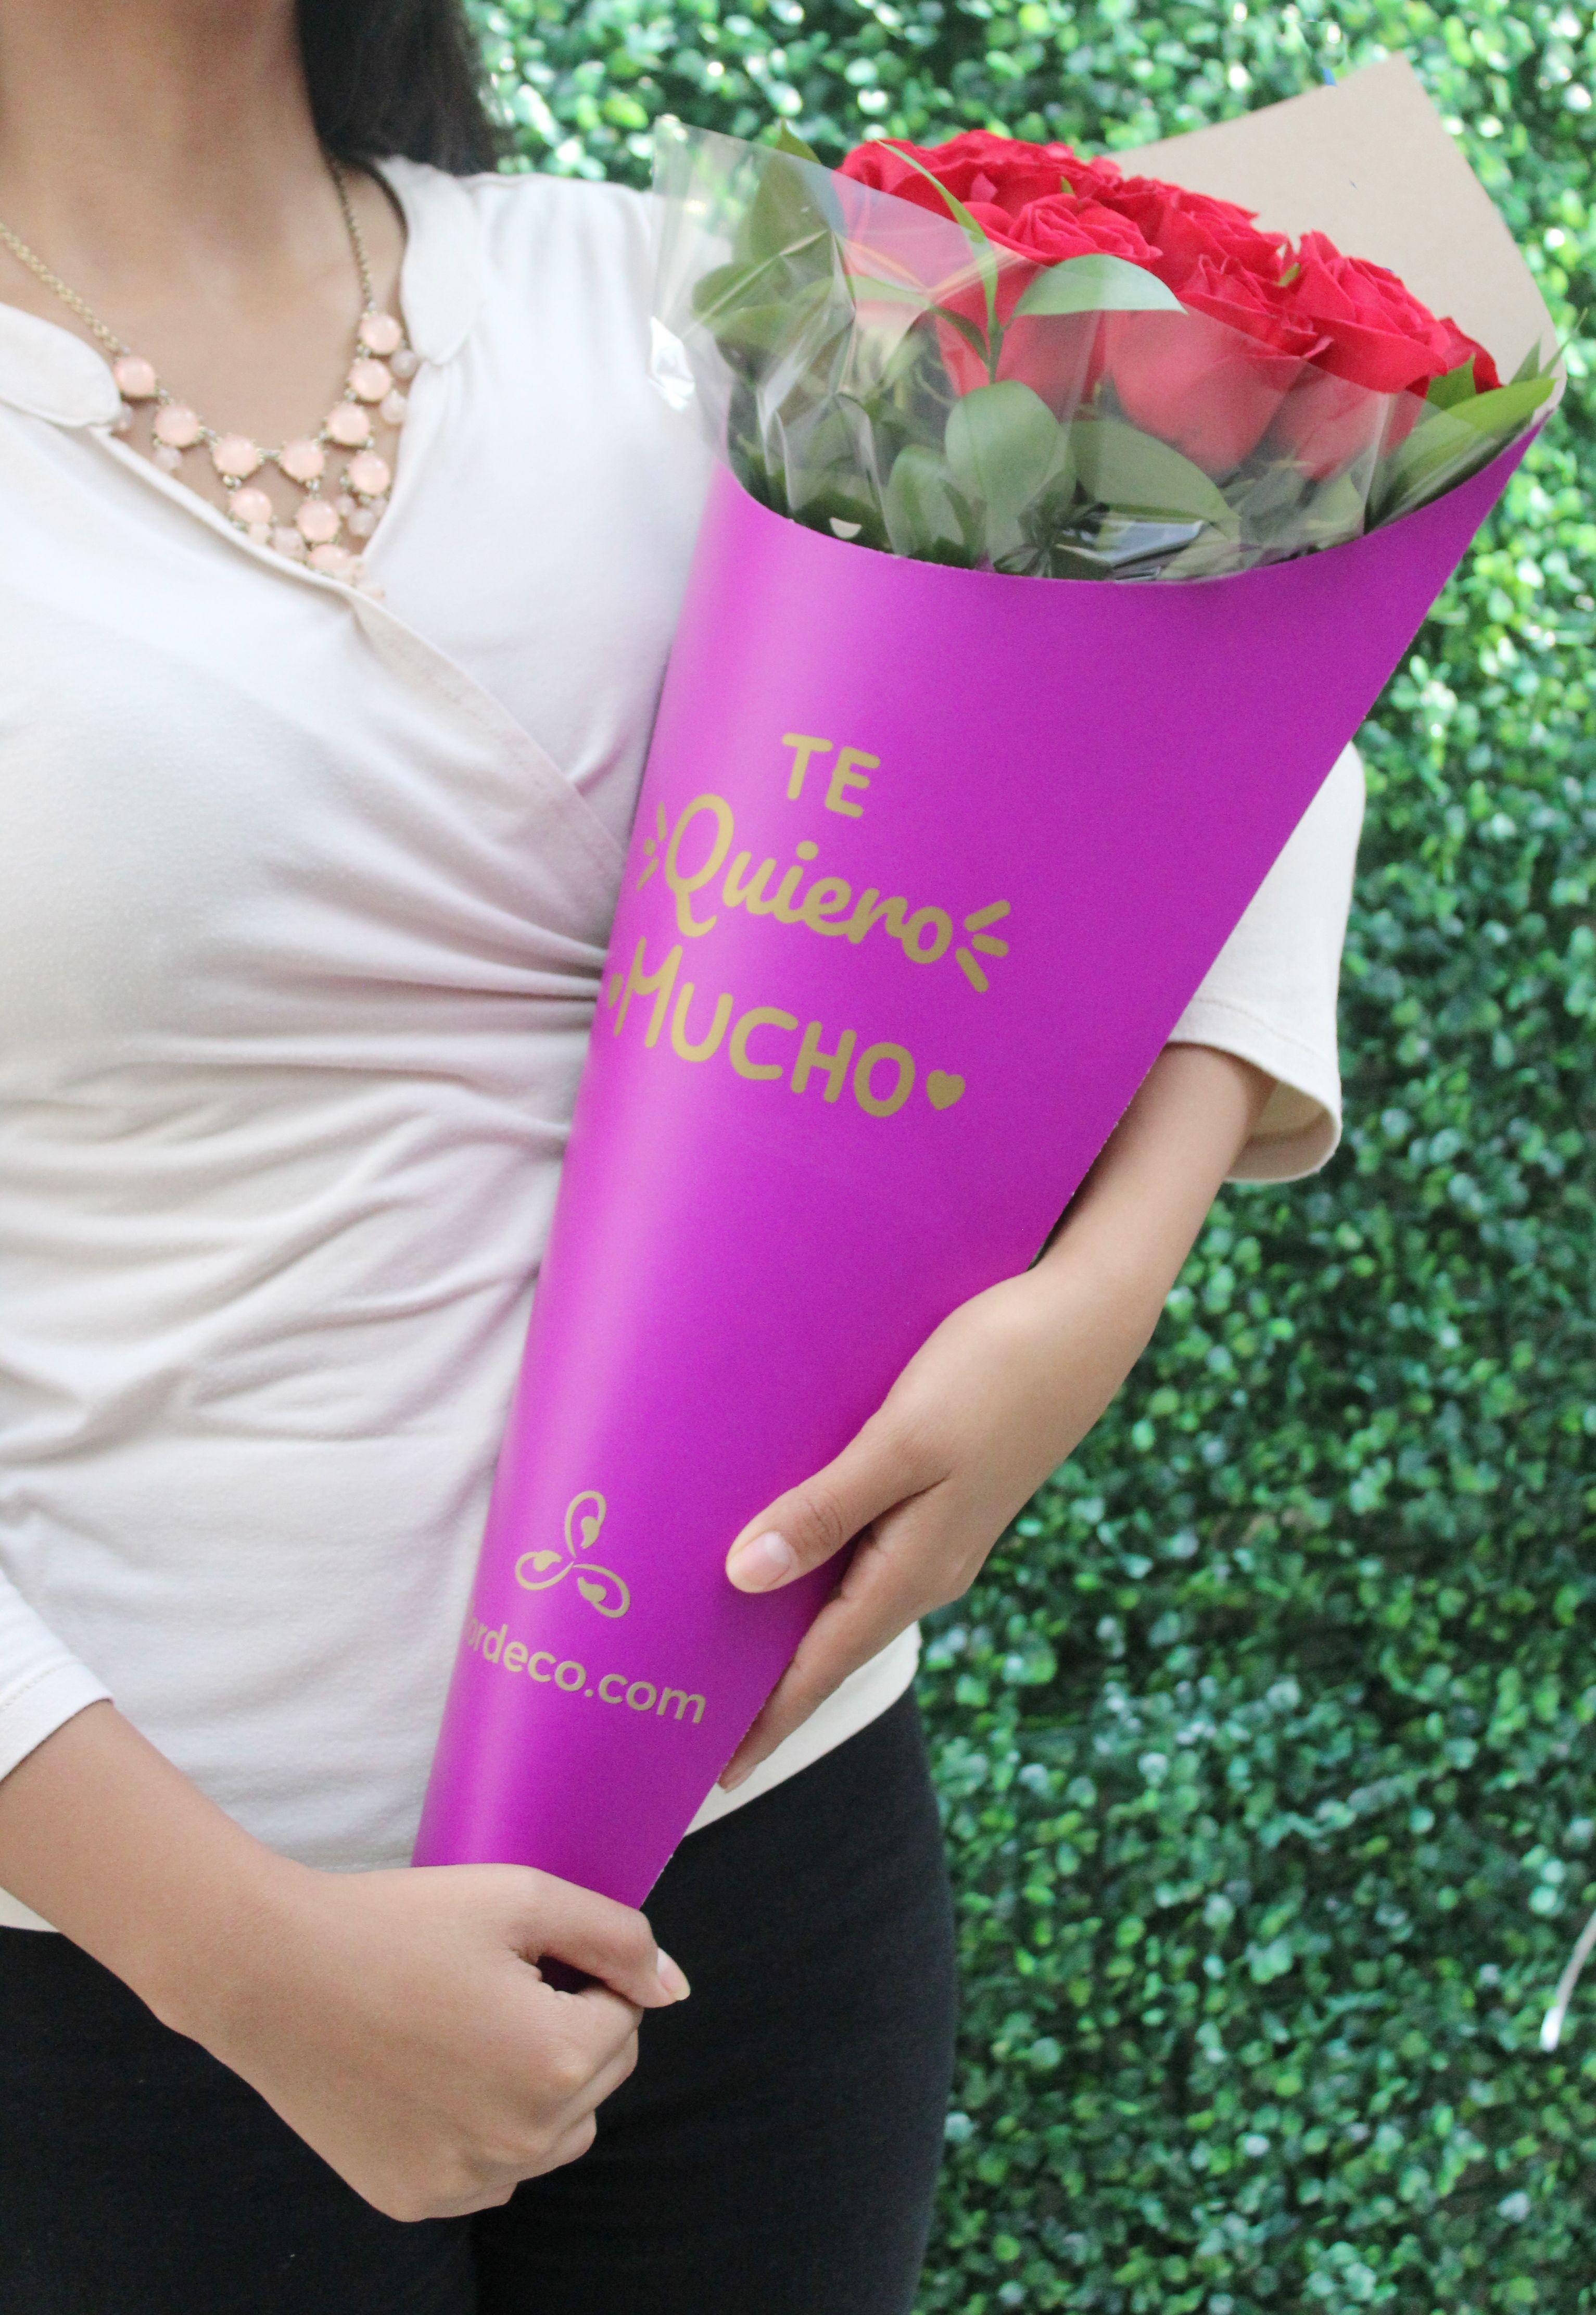 Bouquet De 24 Rosas Rojas Con Frase Bouquet En Cono Exclusivo De Flordeco Con 24 Rosas Rojas Y Rusc Bouquet De Rosas Rojas Arreglos De Rosas Arreglos De Flores